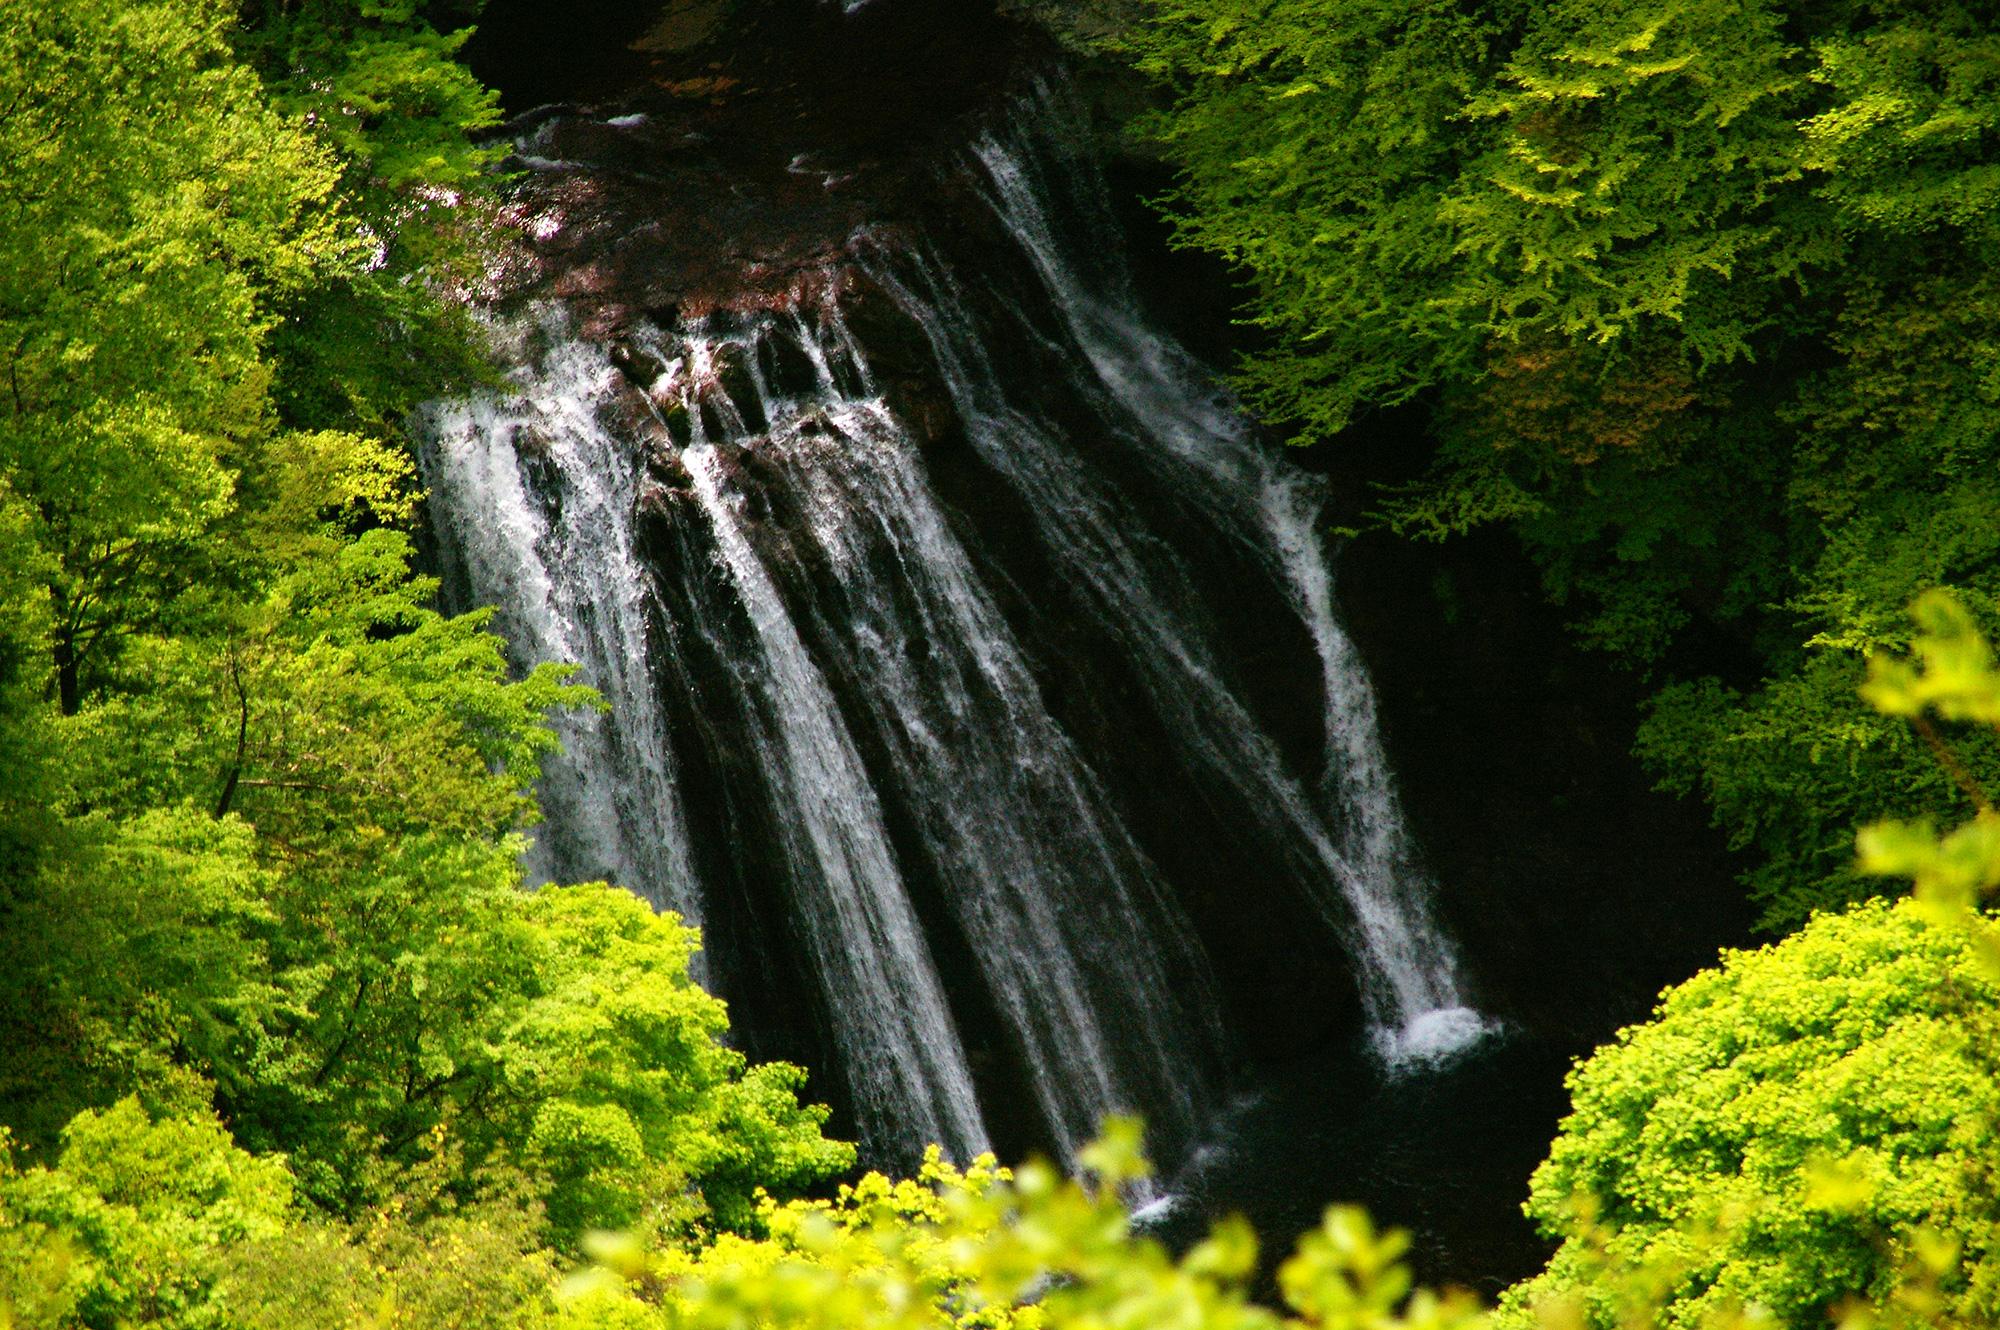 横谷峡の王滝のフリー写真素材